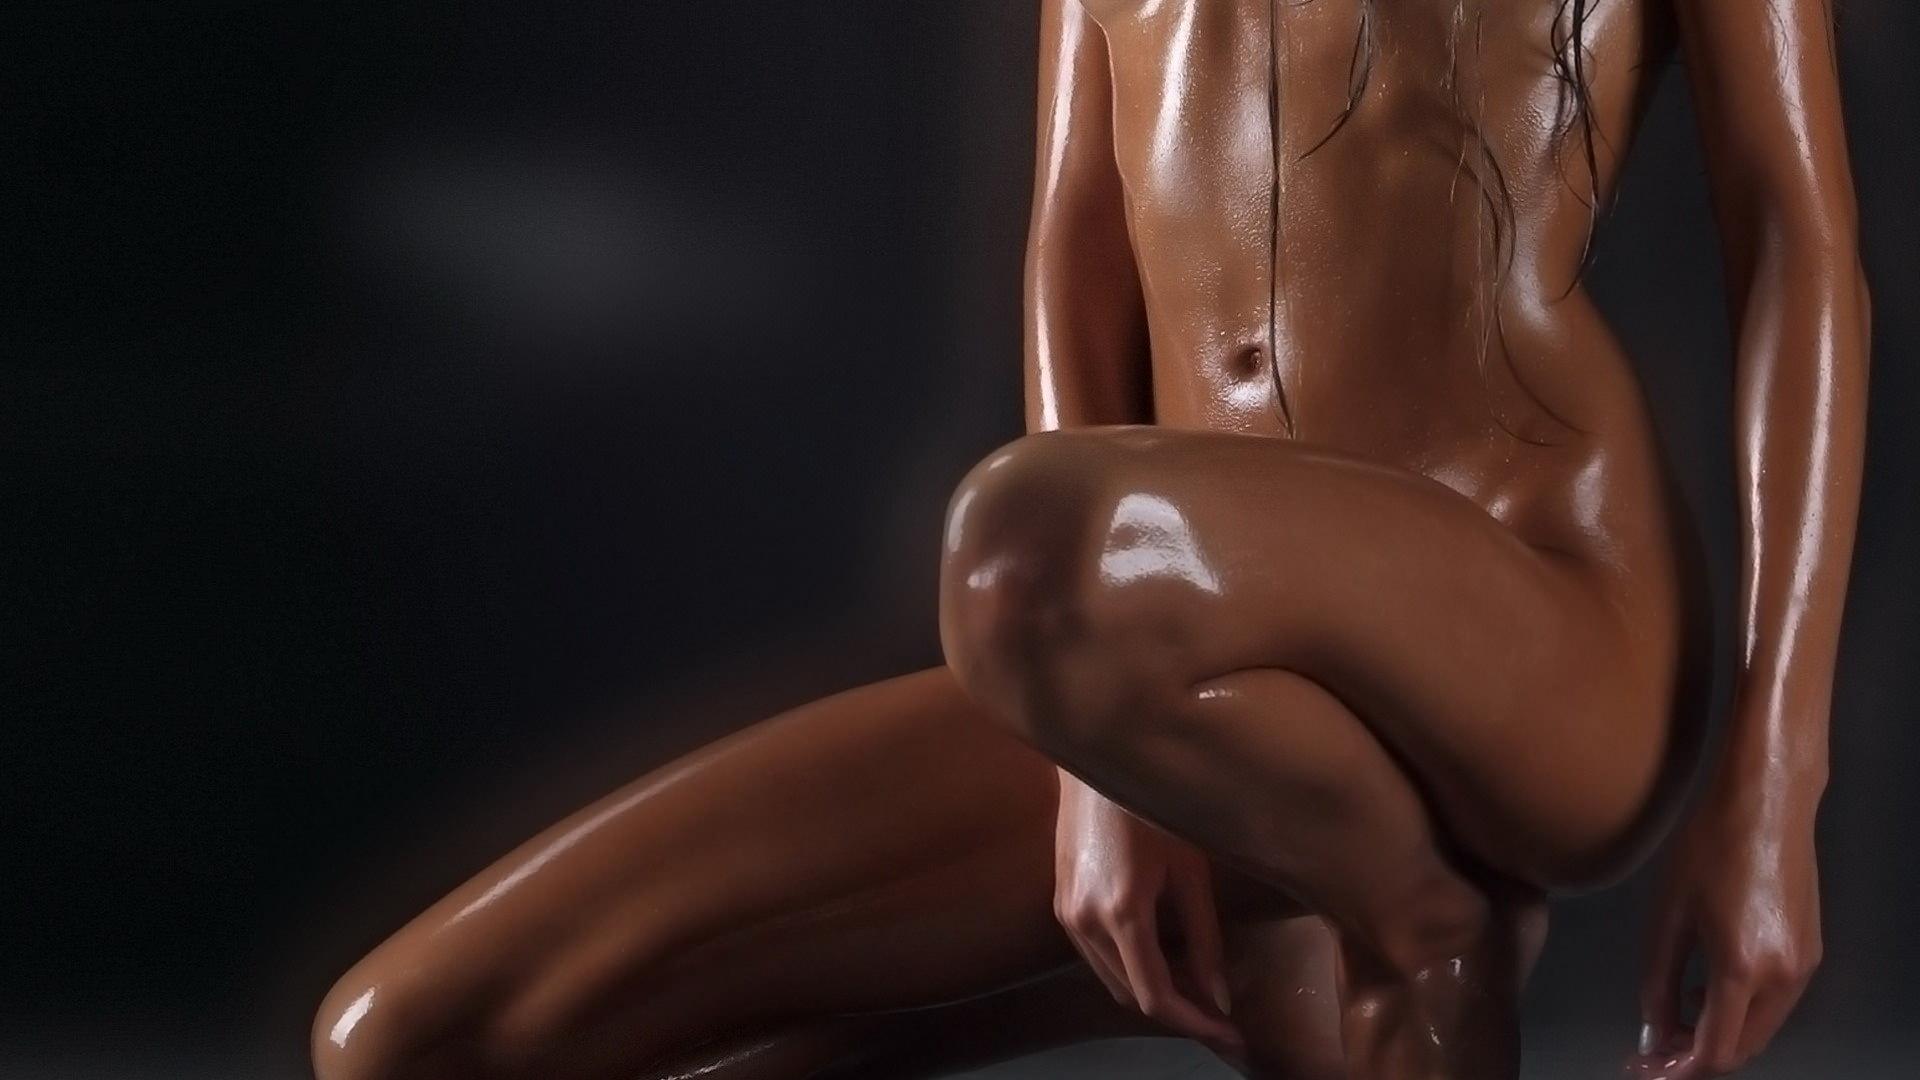 Фото Голая девушка в масле, блестящее тело на черном фоне, блестящие красивые ножки. Oiled, Naked girl, legs shine, black, скачать картинку бесплатно